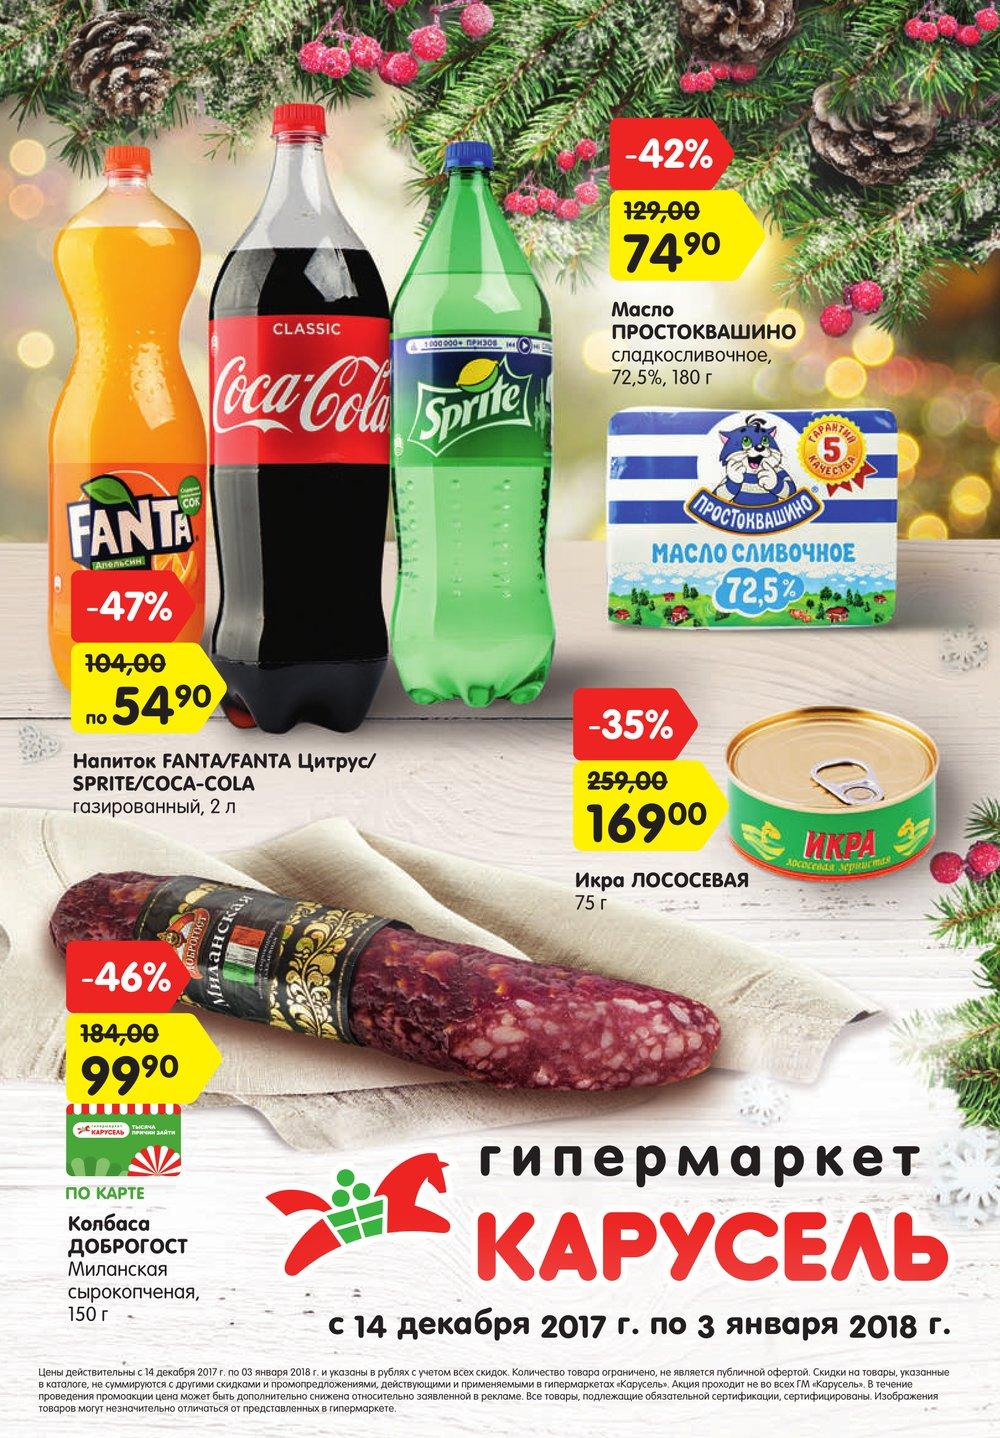 Каталог акций Карусель с 14 декабря 2017 по 3 января 2018 - стр. 1